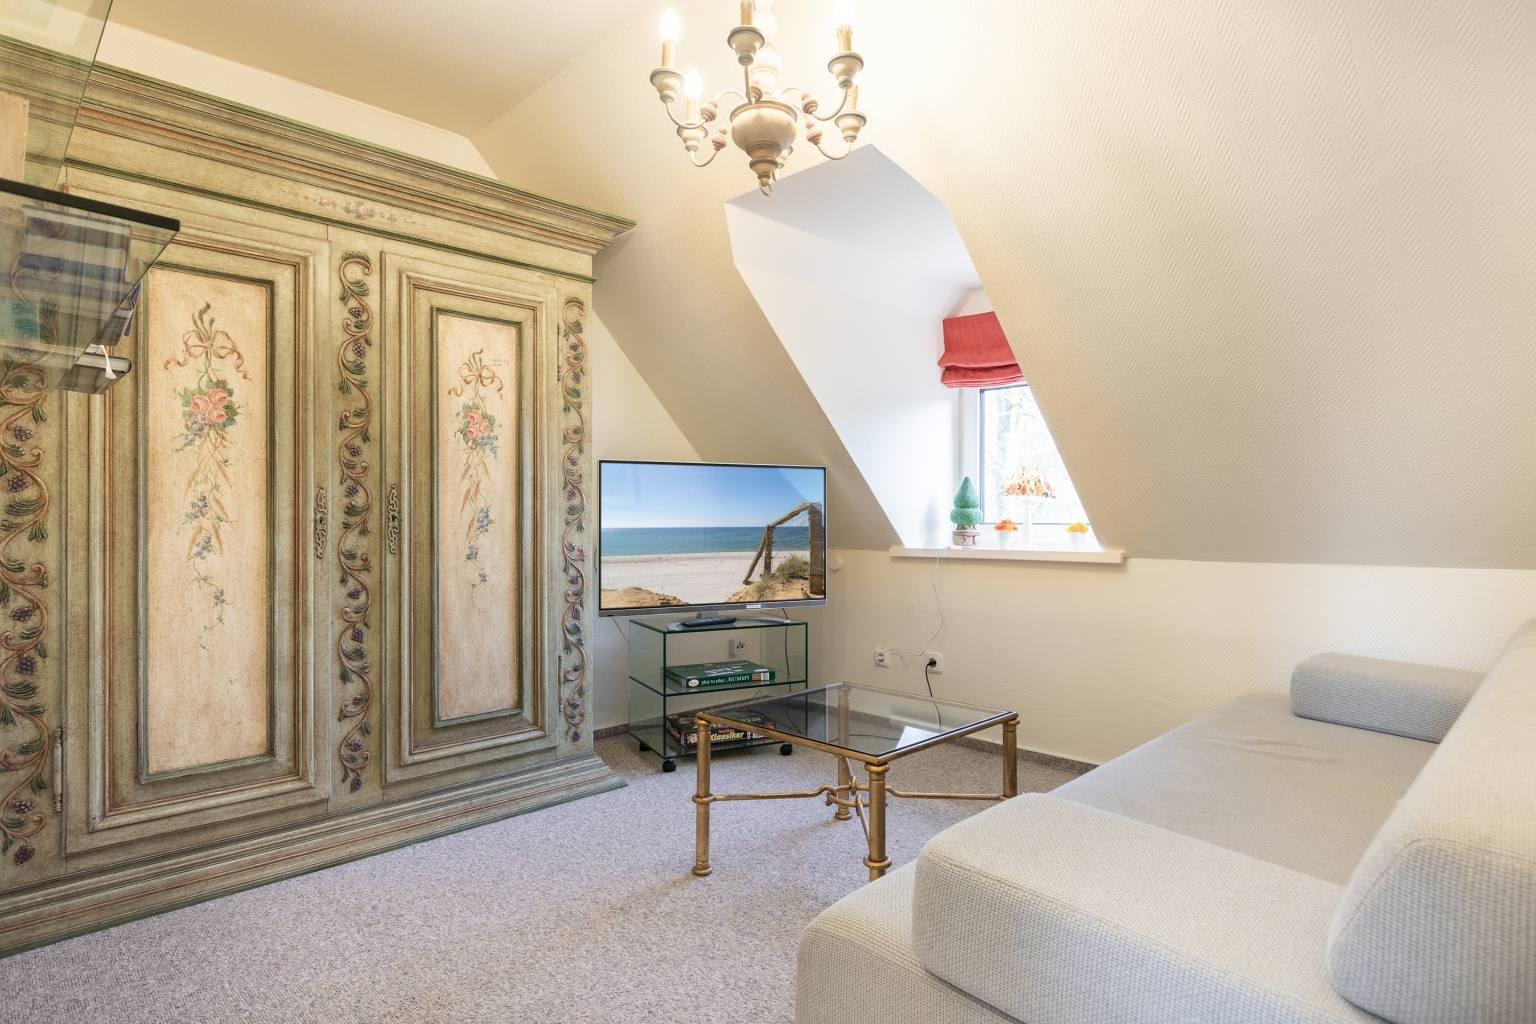 """2. Schlafzimmer - St Peter Ording Bad, Haus Sommerdeich, Wohnung 4B """"Westmarkenpalais"""""""